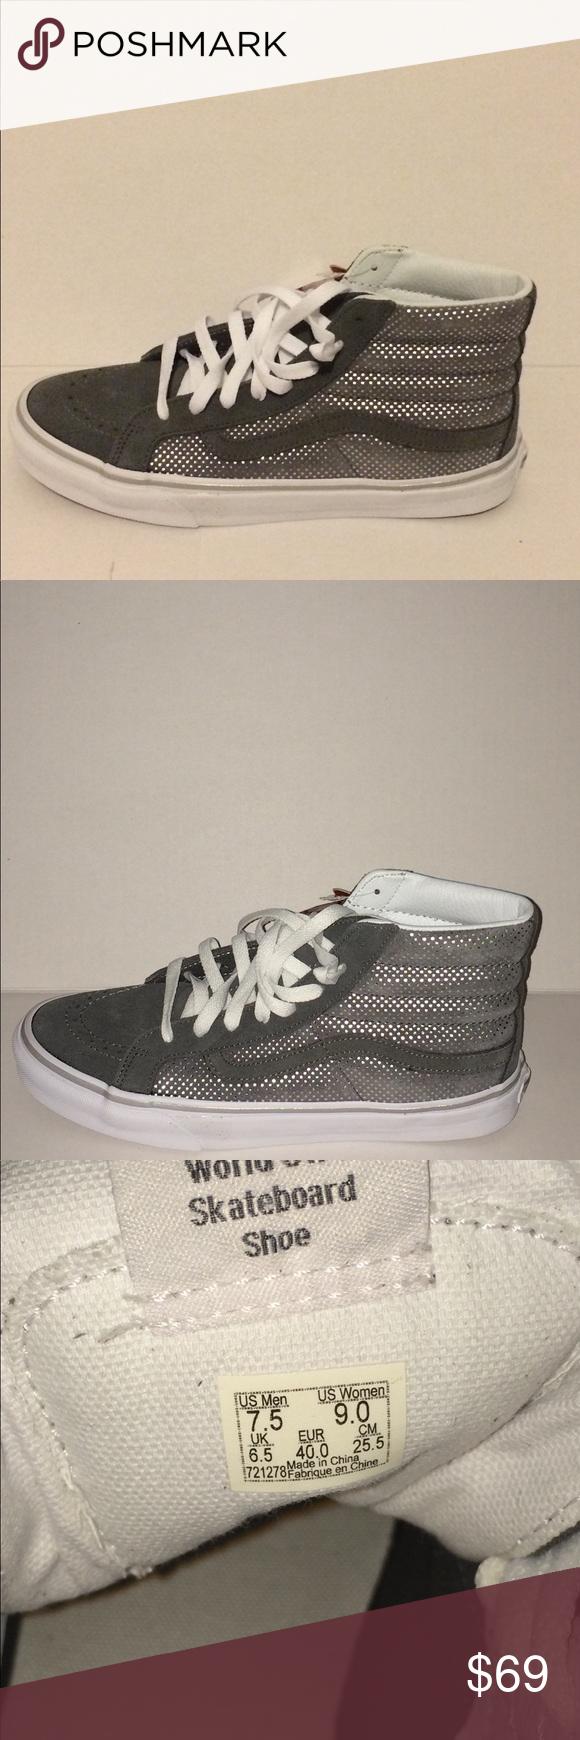 f6669fb09d Vans Sk8 Hi Slim (Metallic Dots) Skateboard shoes Vans Sk8 Hi Slim (Metallic